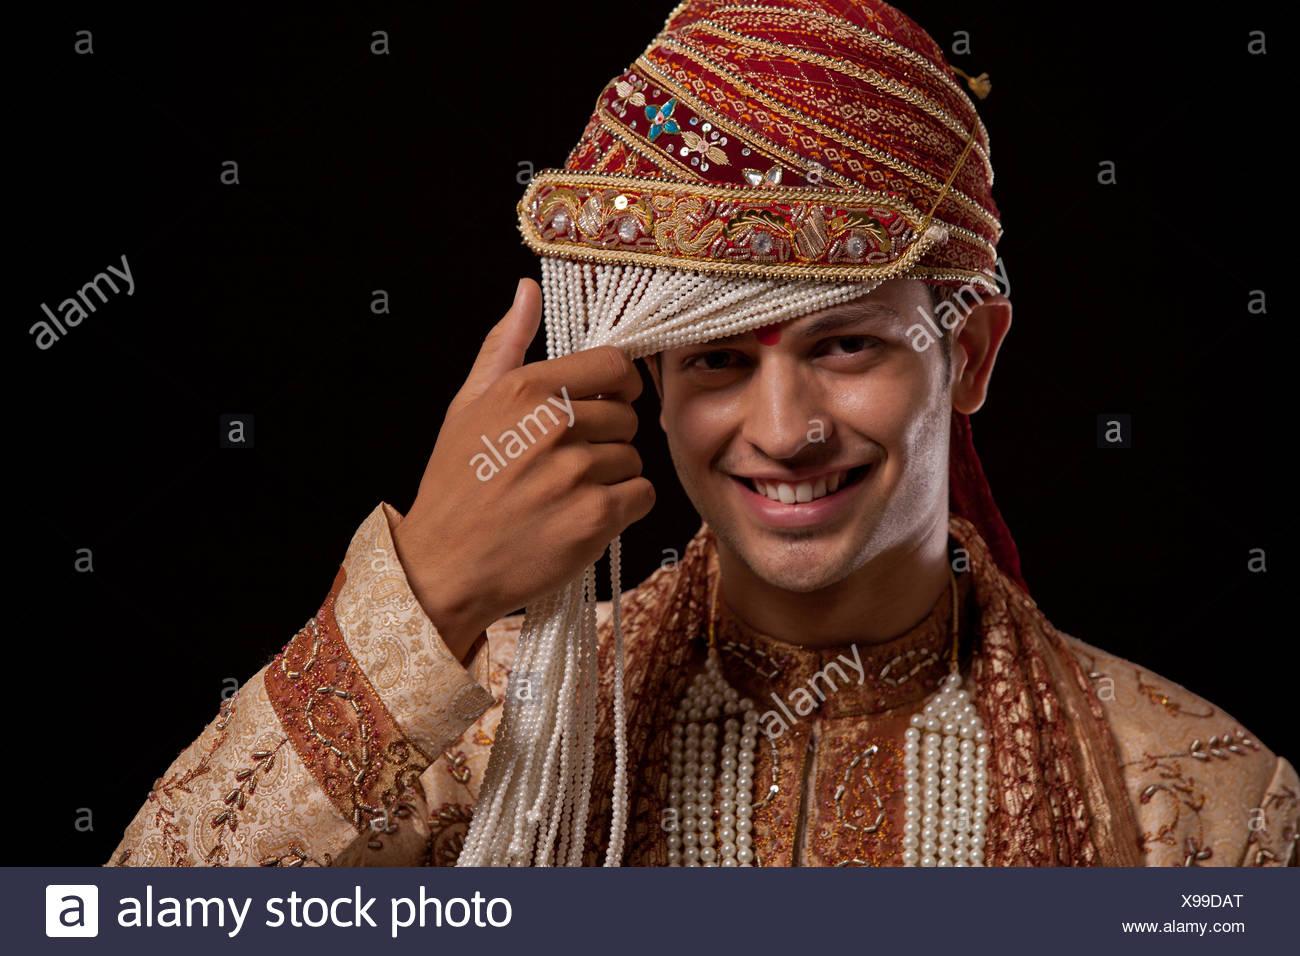 Portrait of a Gujarati groom wearing a headdress - Stock Image